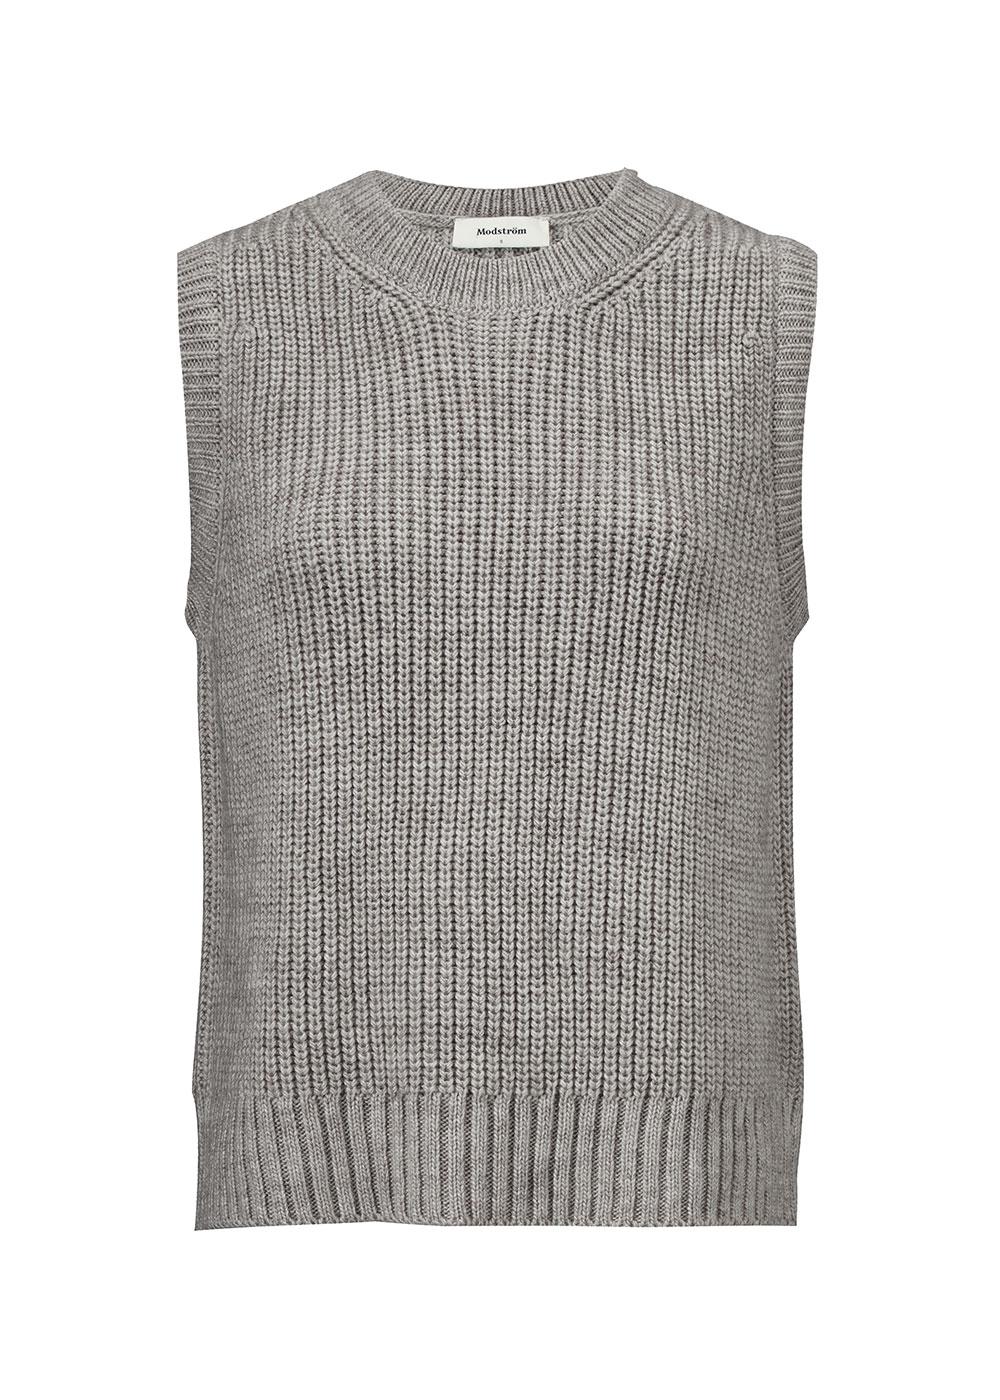 Modström Timme vest, light grey melange, x-large